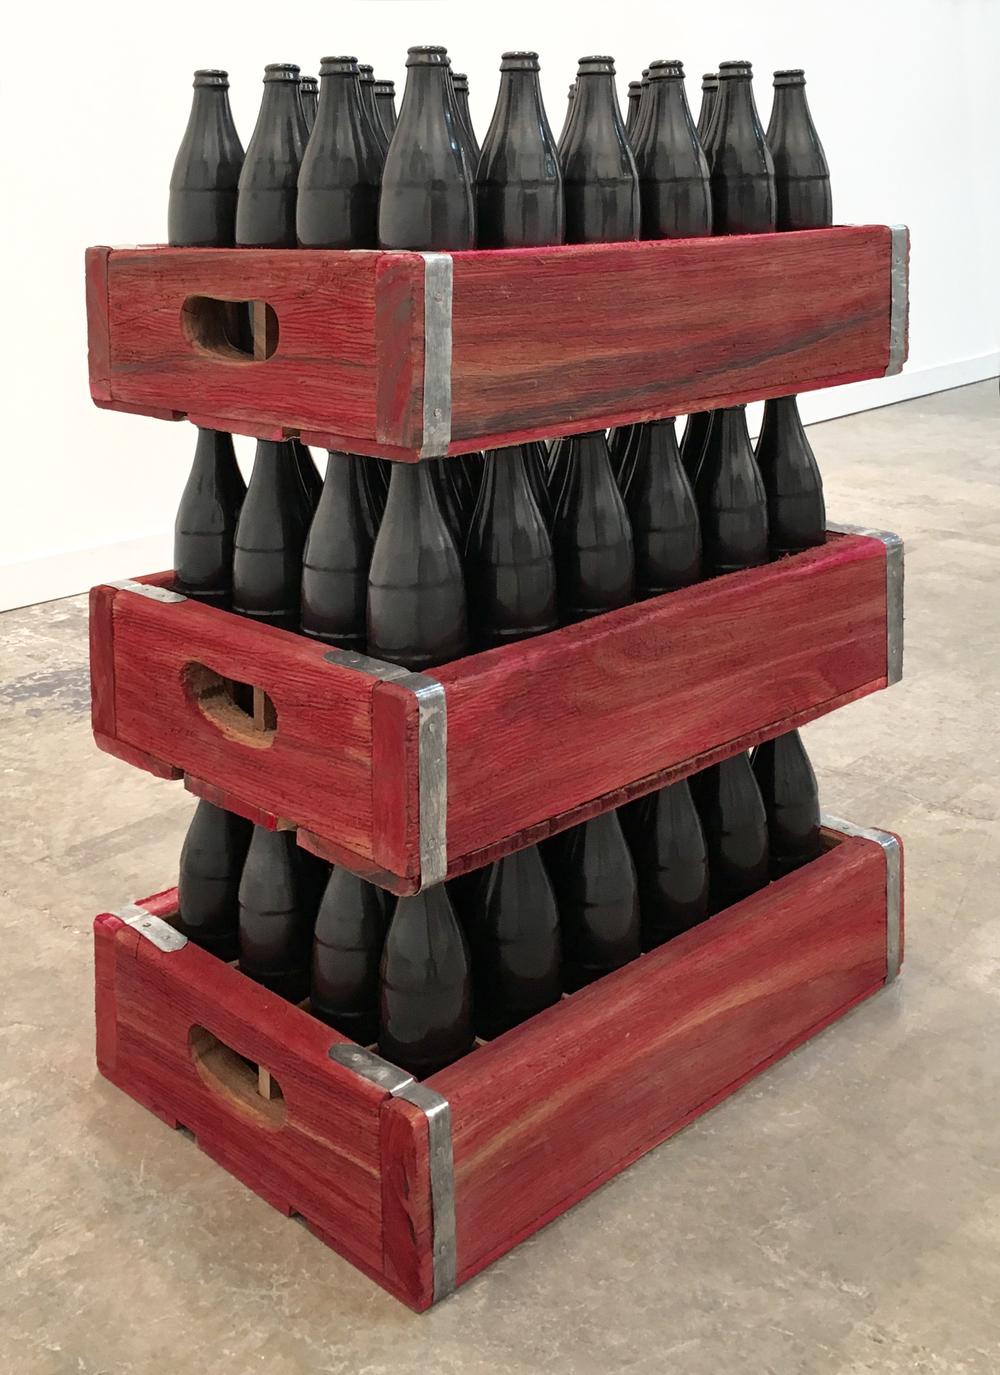 Humberto Márquez   Sincretismo de Resistencia, 1968  Barro negro, madera, metal y grana cochinilla  Zona MACO 2016